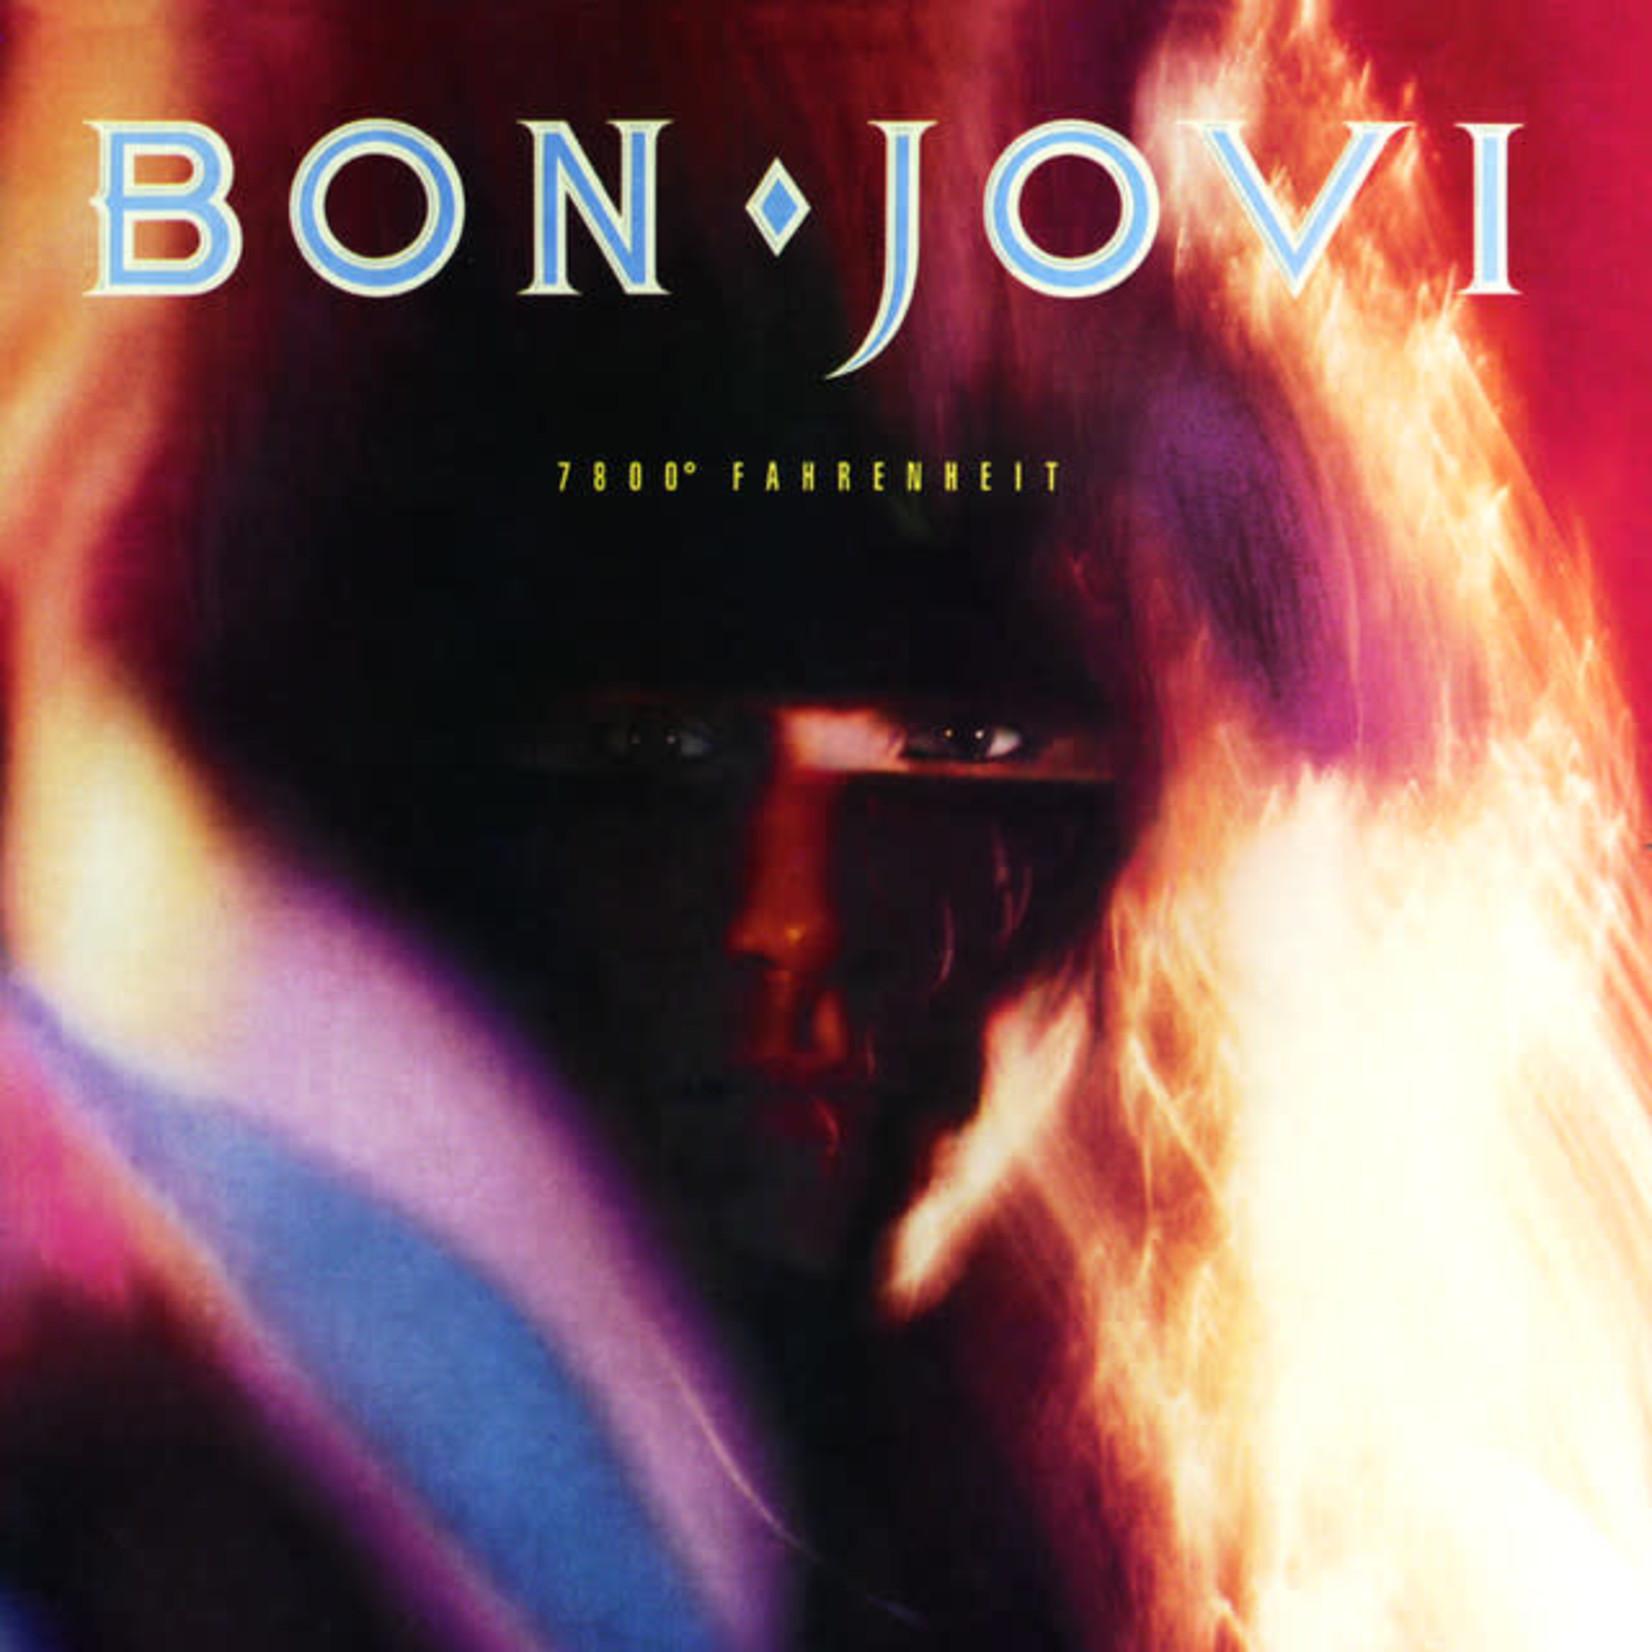 Vinyl Bon Jovi - 7800 Fahrenheit